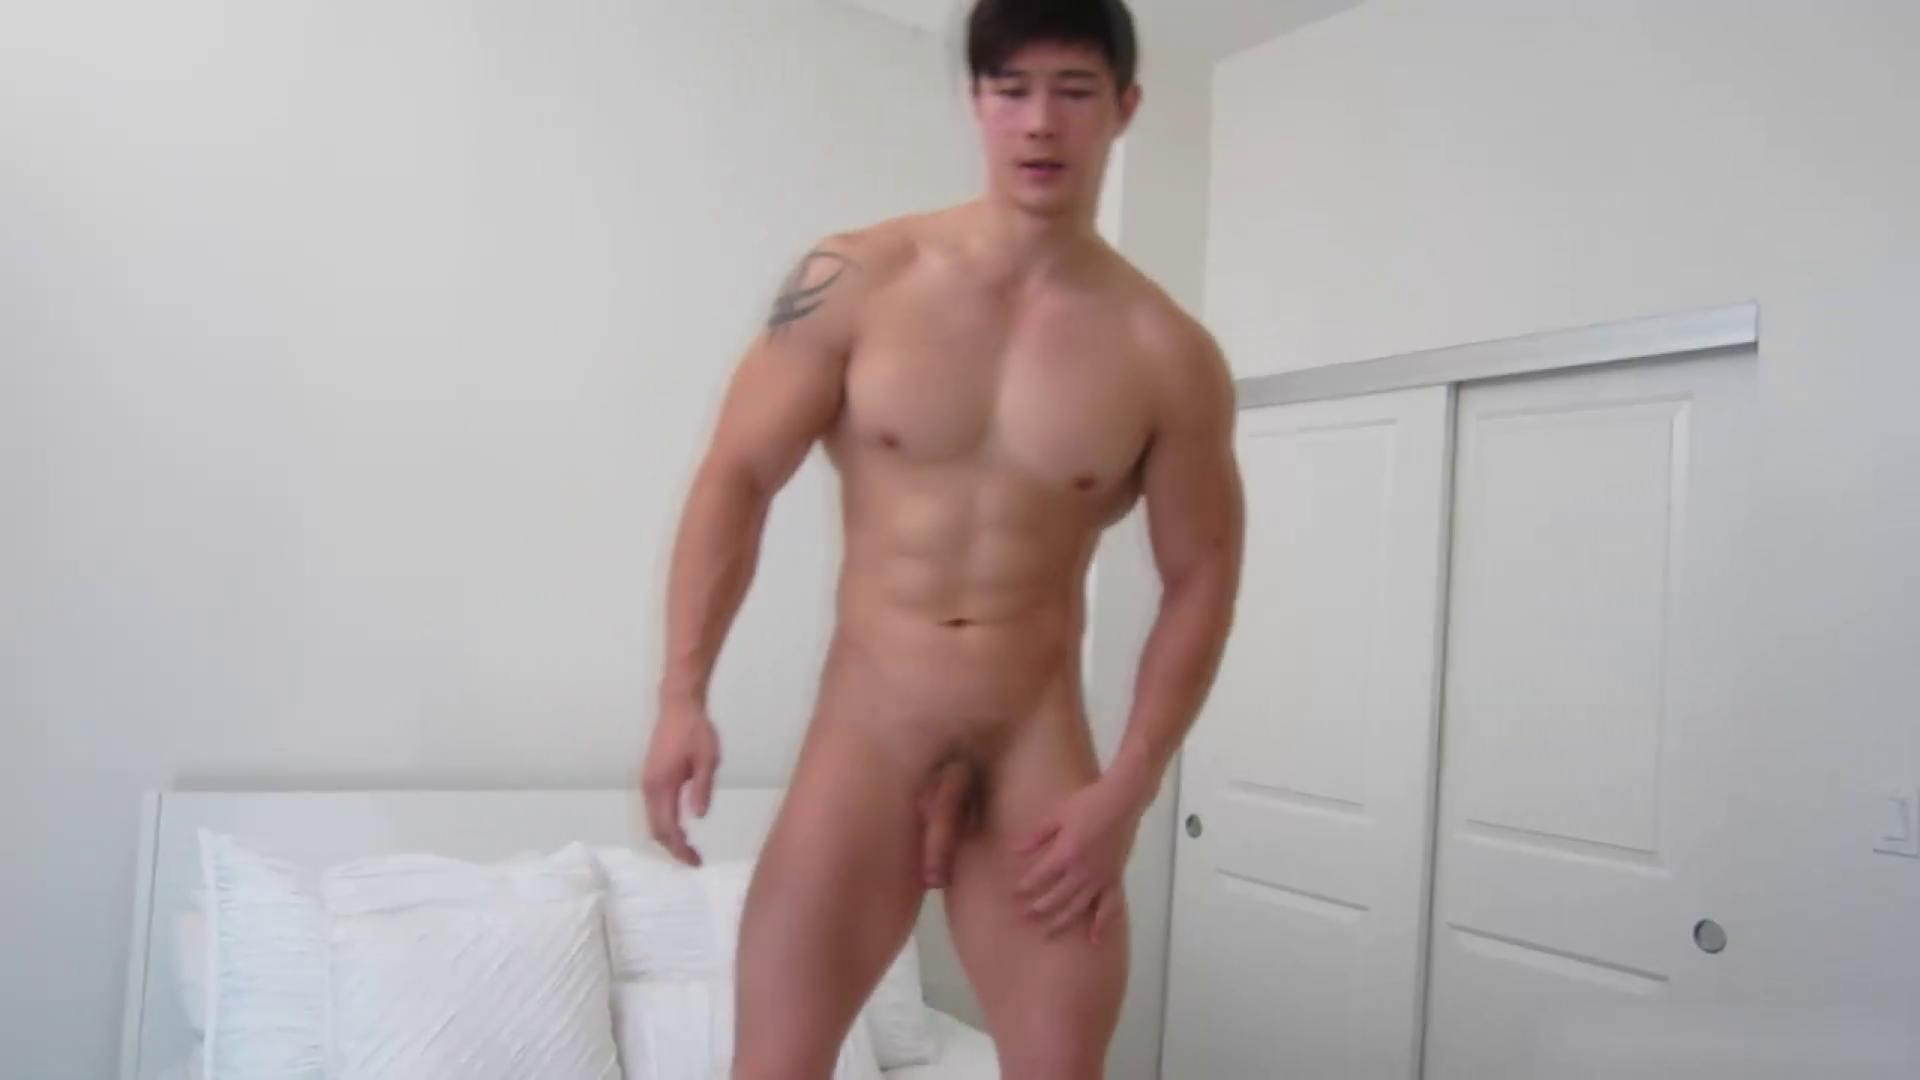 外人さんのオナニー前編 エロすぎる映像 ゲイ射精画像 69画像 62